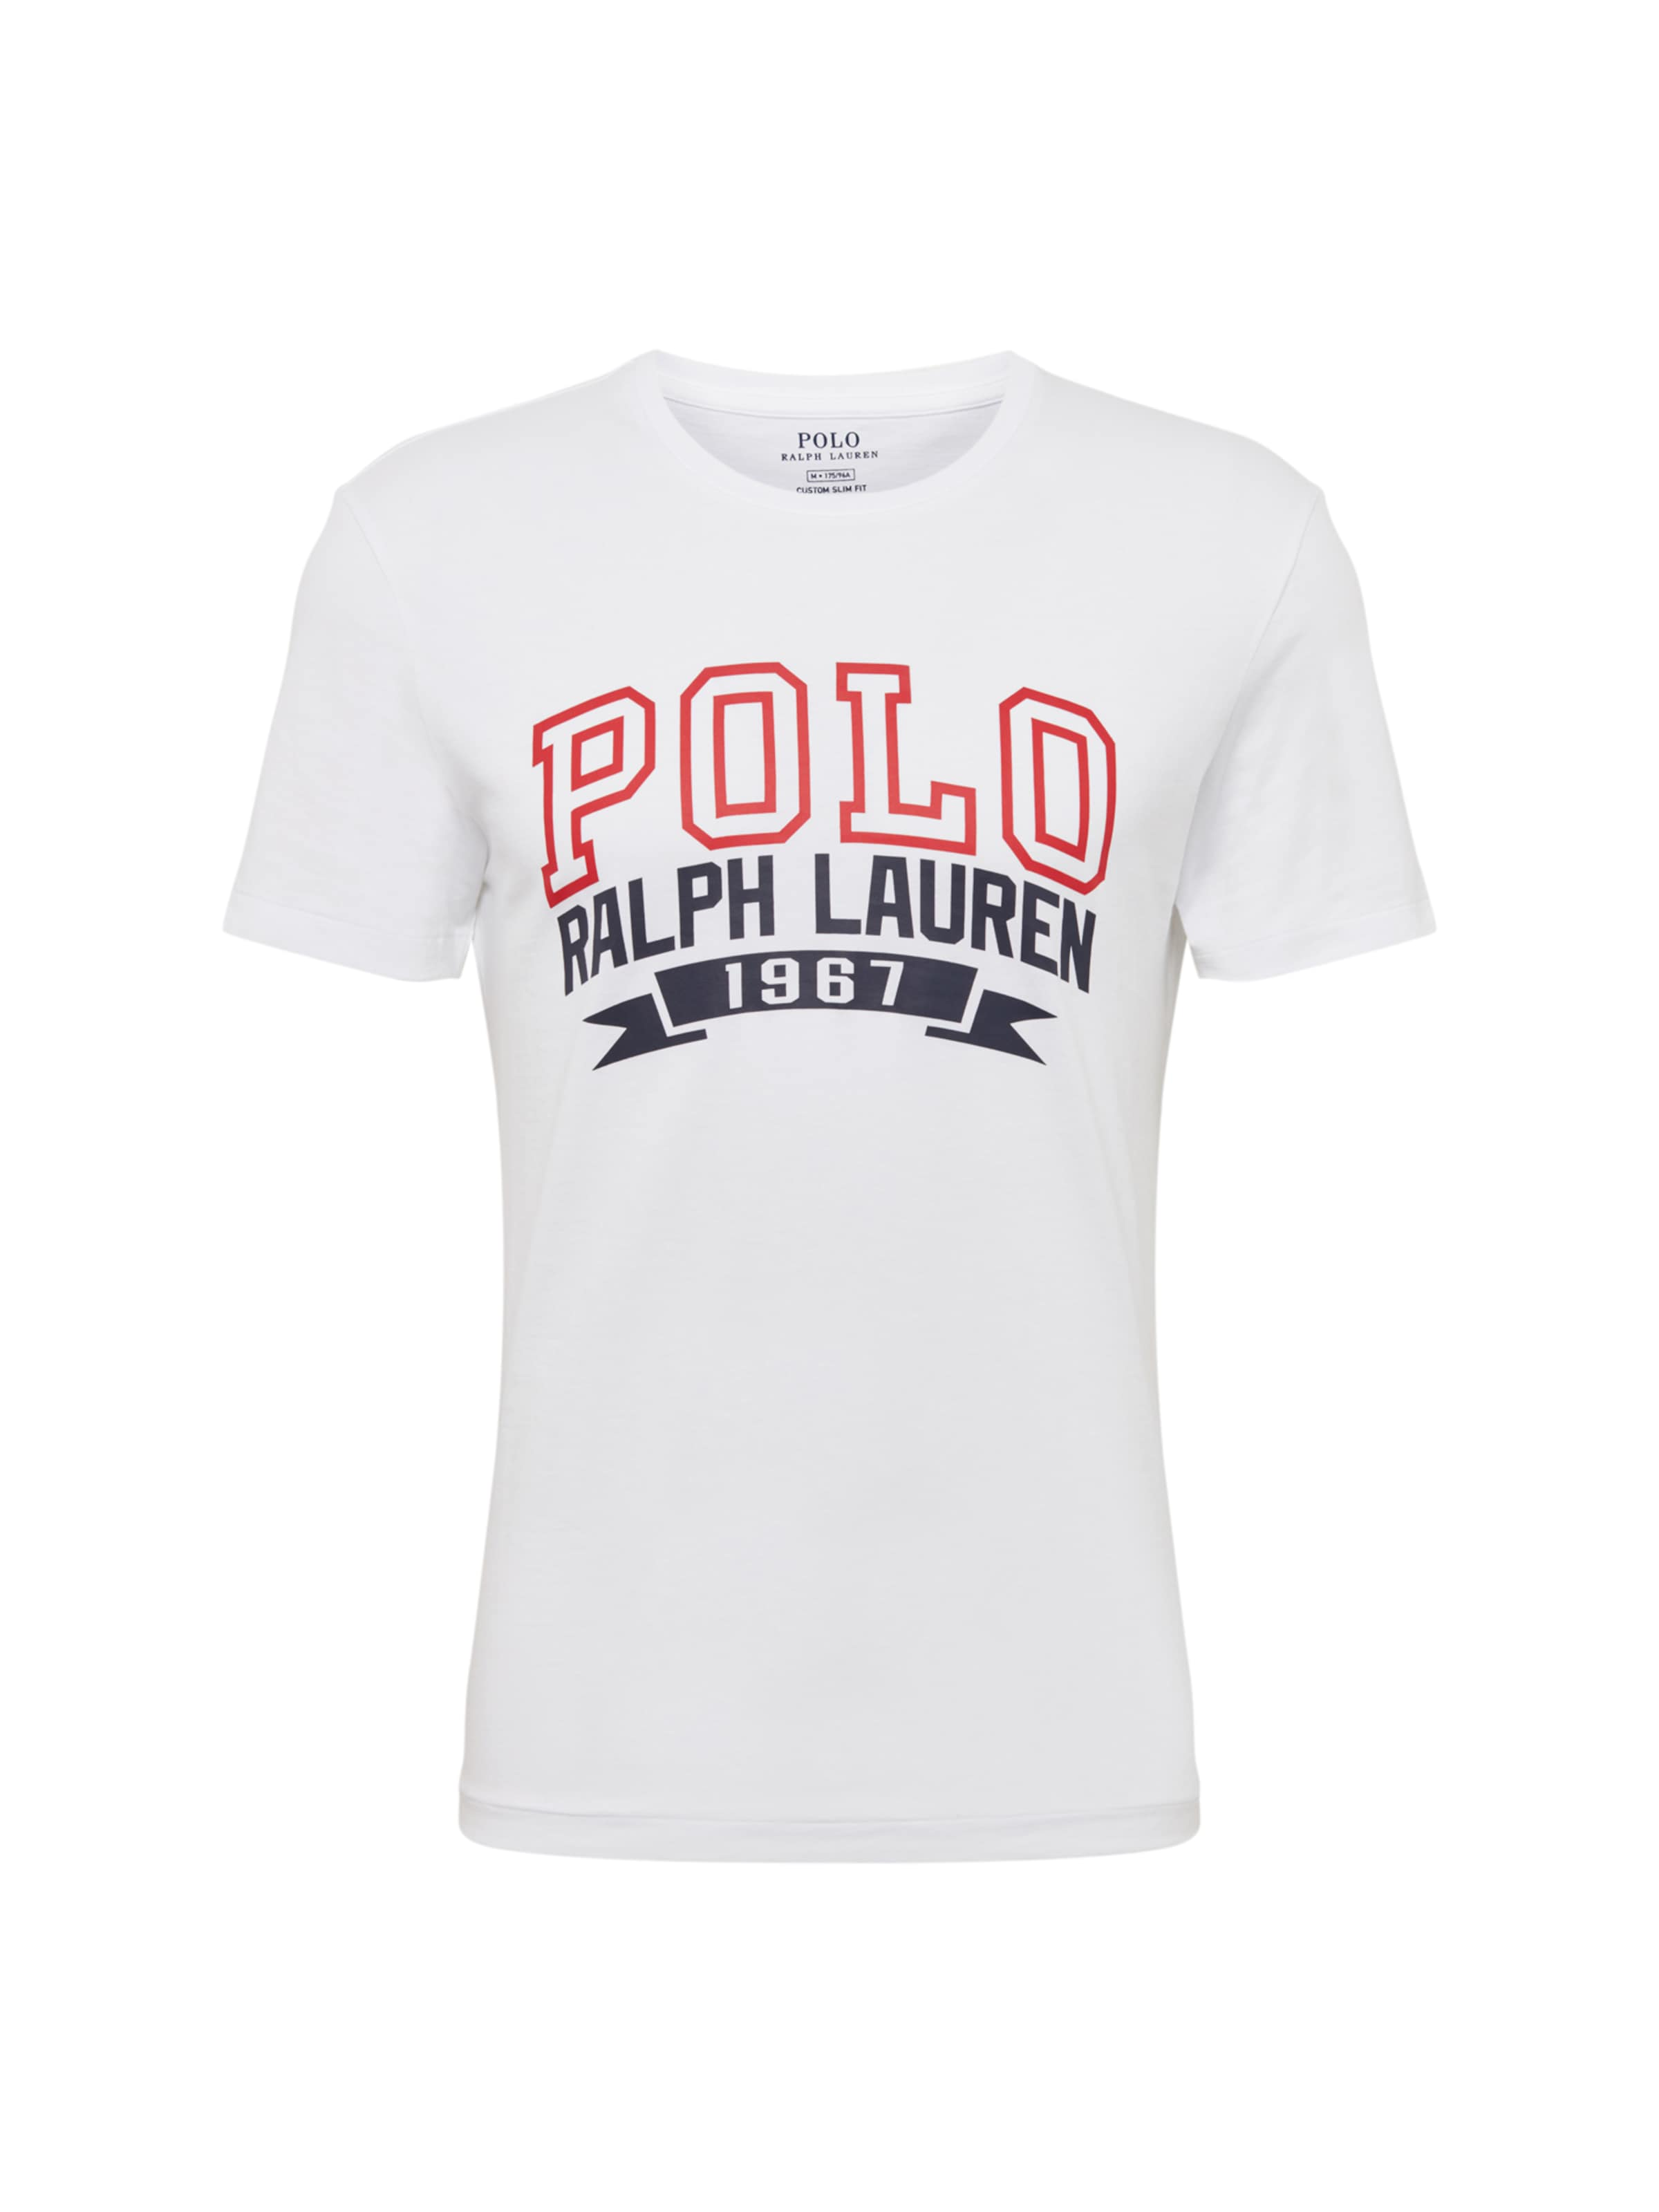 RougeBlanc In short Sleeve shirt M1 'sscncmslm shirt' Polo LaurenT t Ralph MpSzVqU